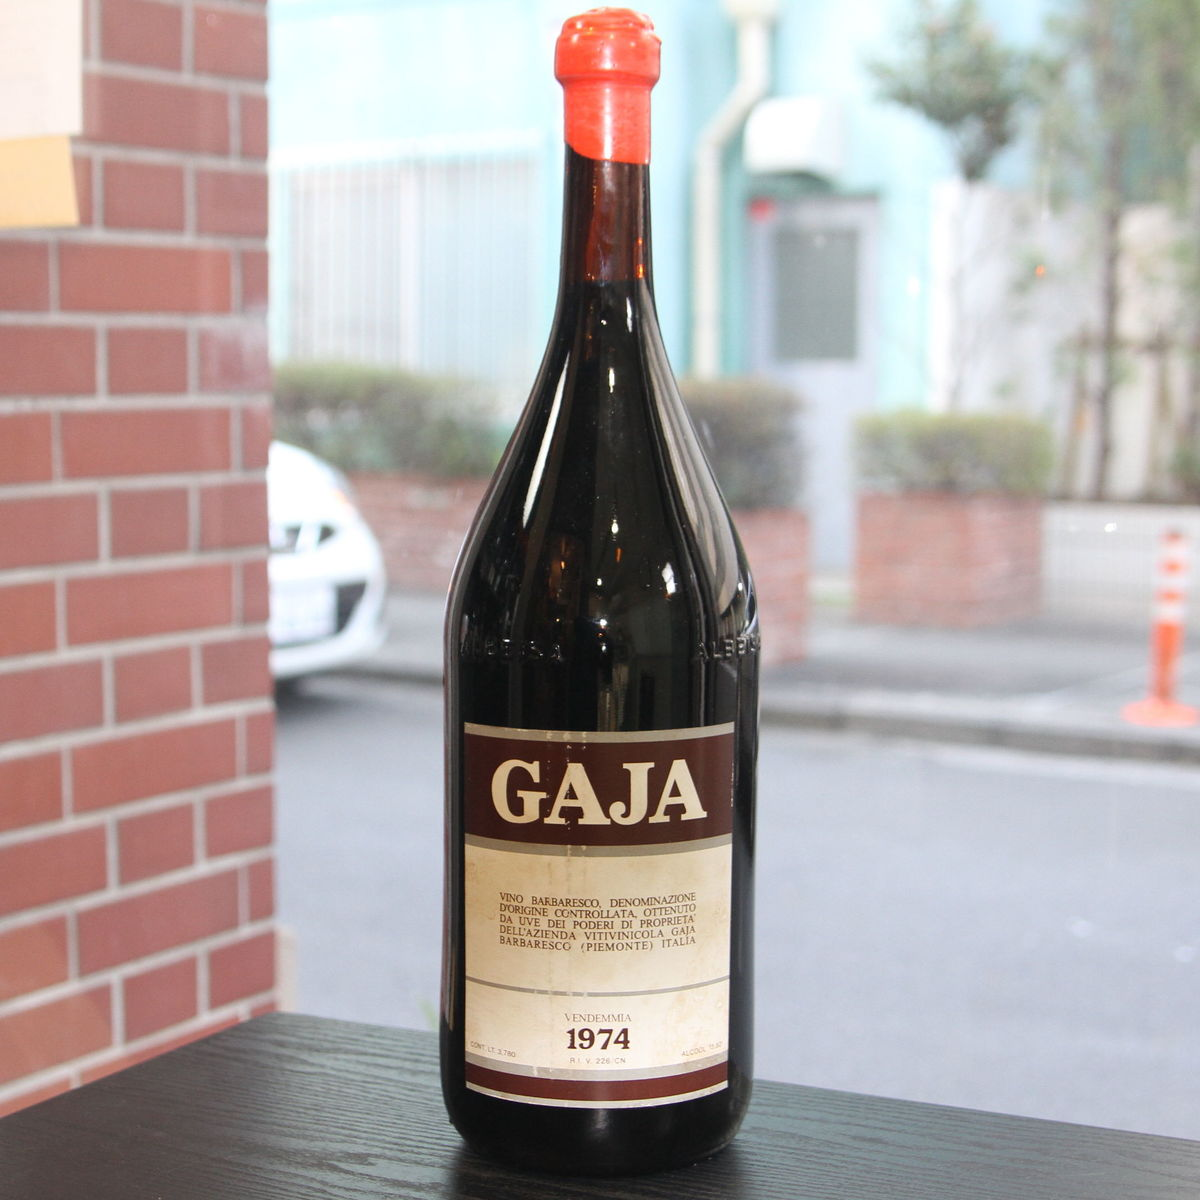 【1974年】 バルバレスコ ガヤ Barbaresco Gaja イタリア ピエモンテ 赤ワイン 3.5L